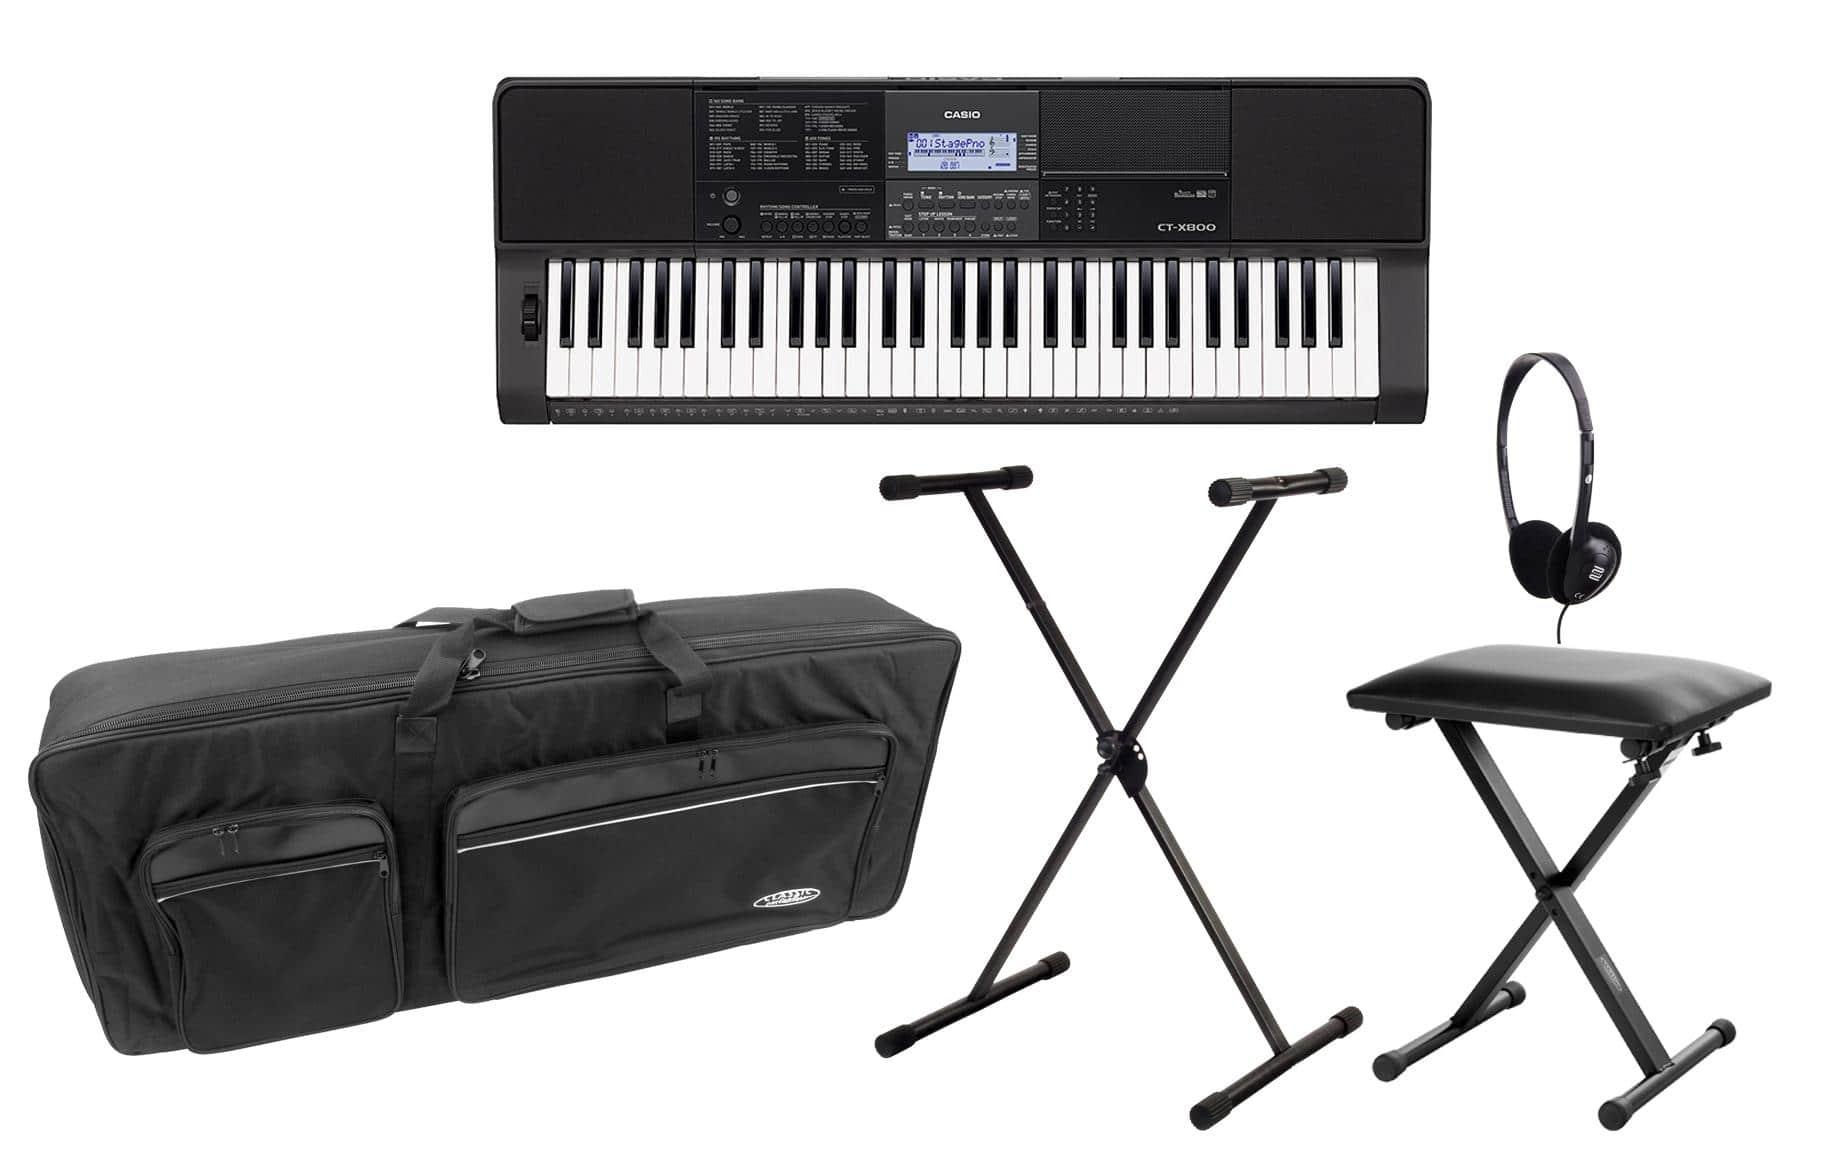 Homekeyboards - Casio CT X800 Midi Keyboard Deluxe Set inkl. Ständer, Kopfhörer, Bank Tasche - Onlineshop Musikhaus Kirstein